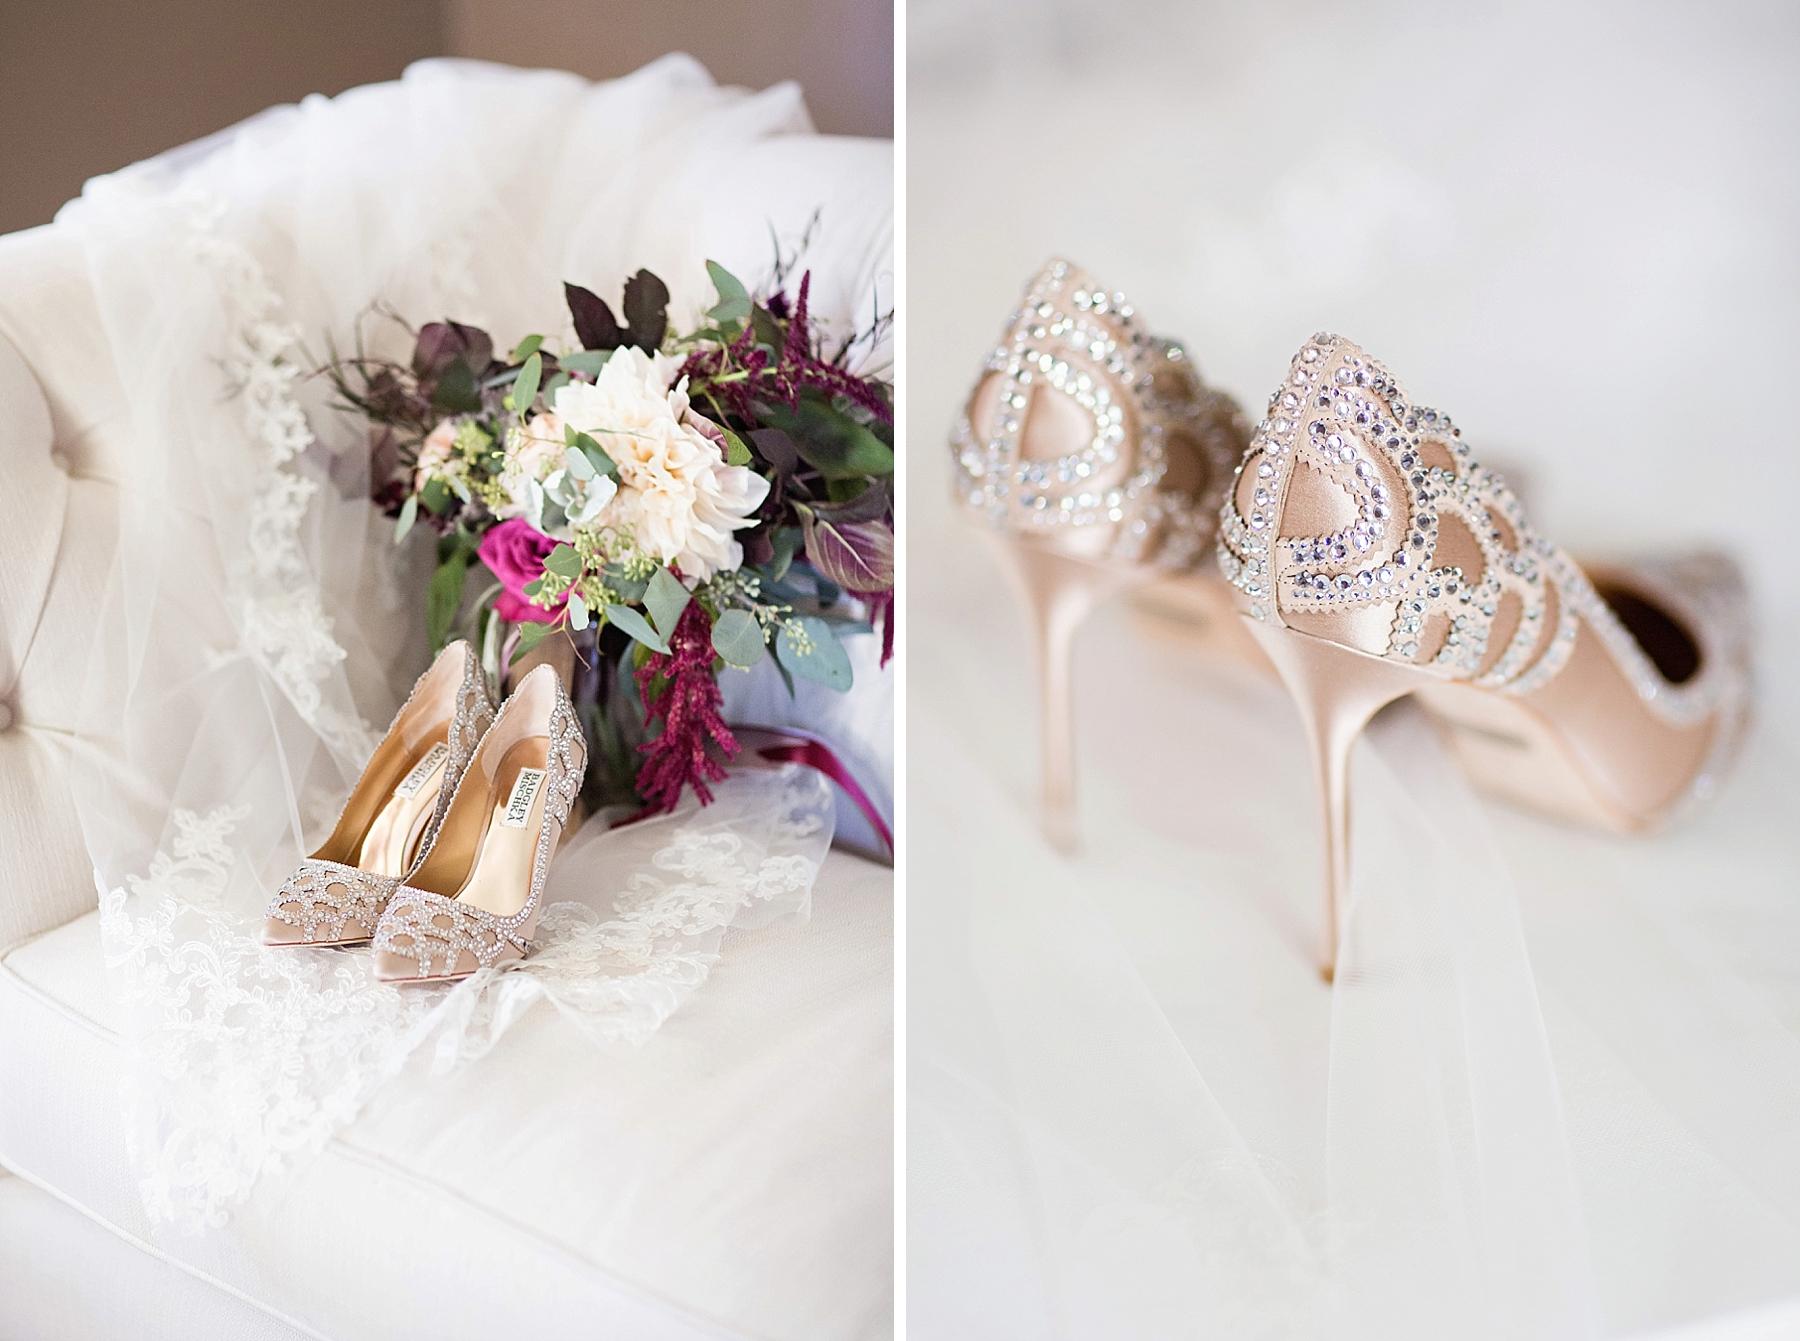 windsor-wedding-photographer-essex-golf-country-club-wedding-eryn-shea-photography_0007.jpg